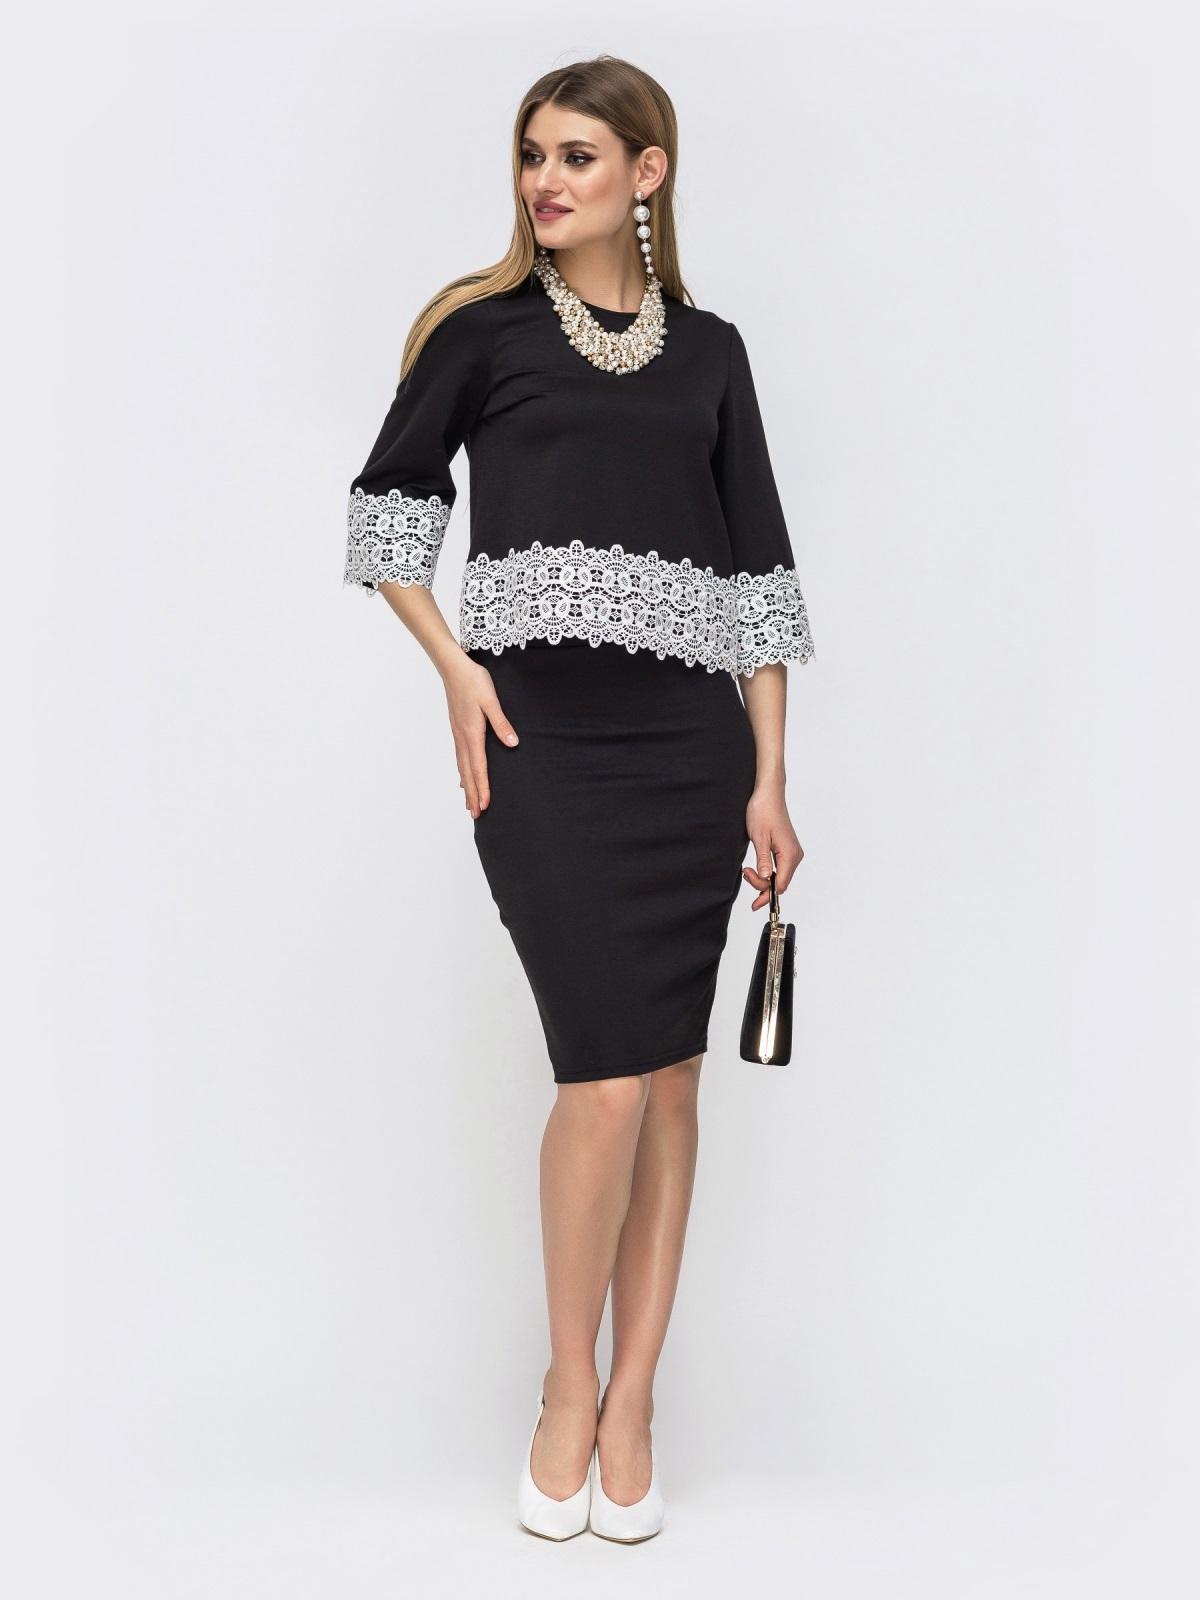 Чёрный комплект из юбки и кофты с кружевом по низу 42623, фото 1